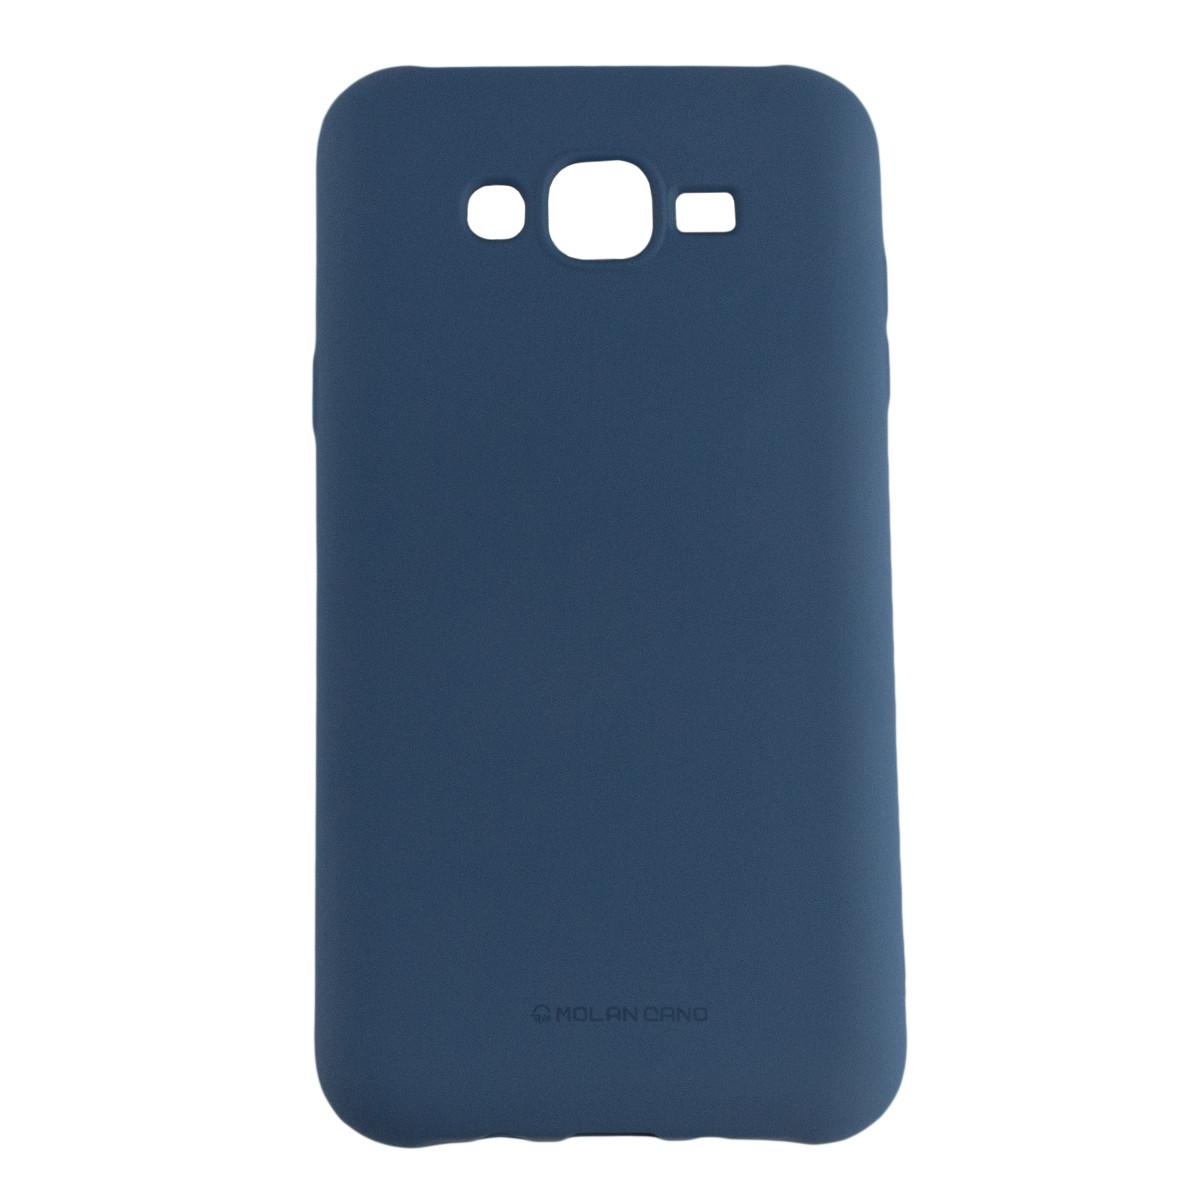 Оригинальный силиконовый чехол Molan Cano Jelly Case для Samsung Galaxy J7 (J700) (синий)